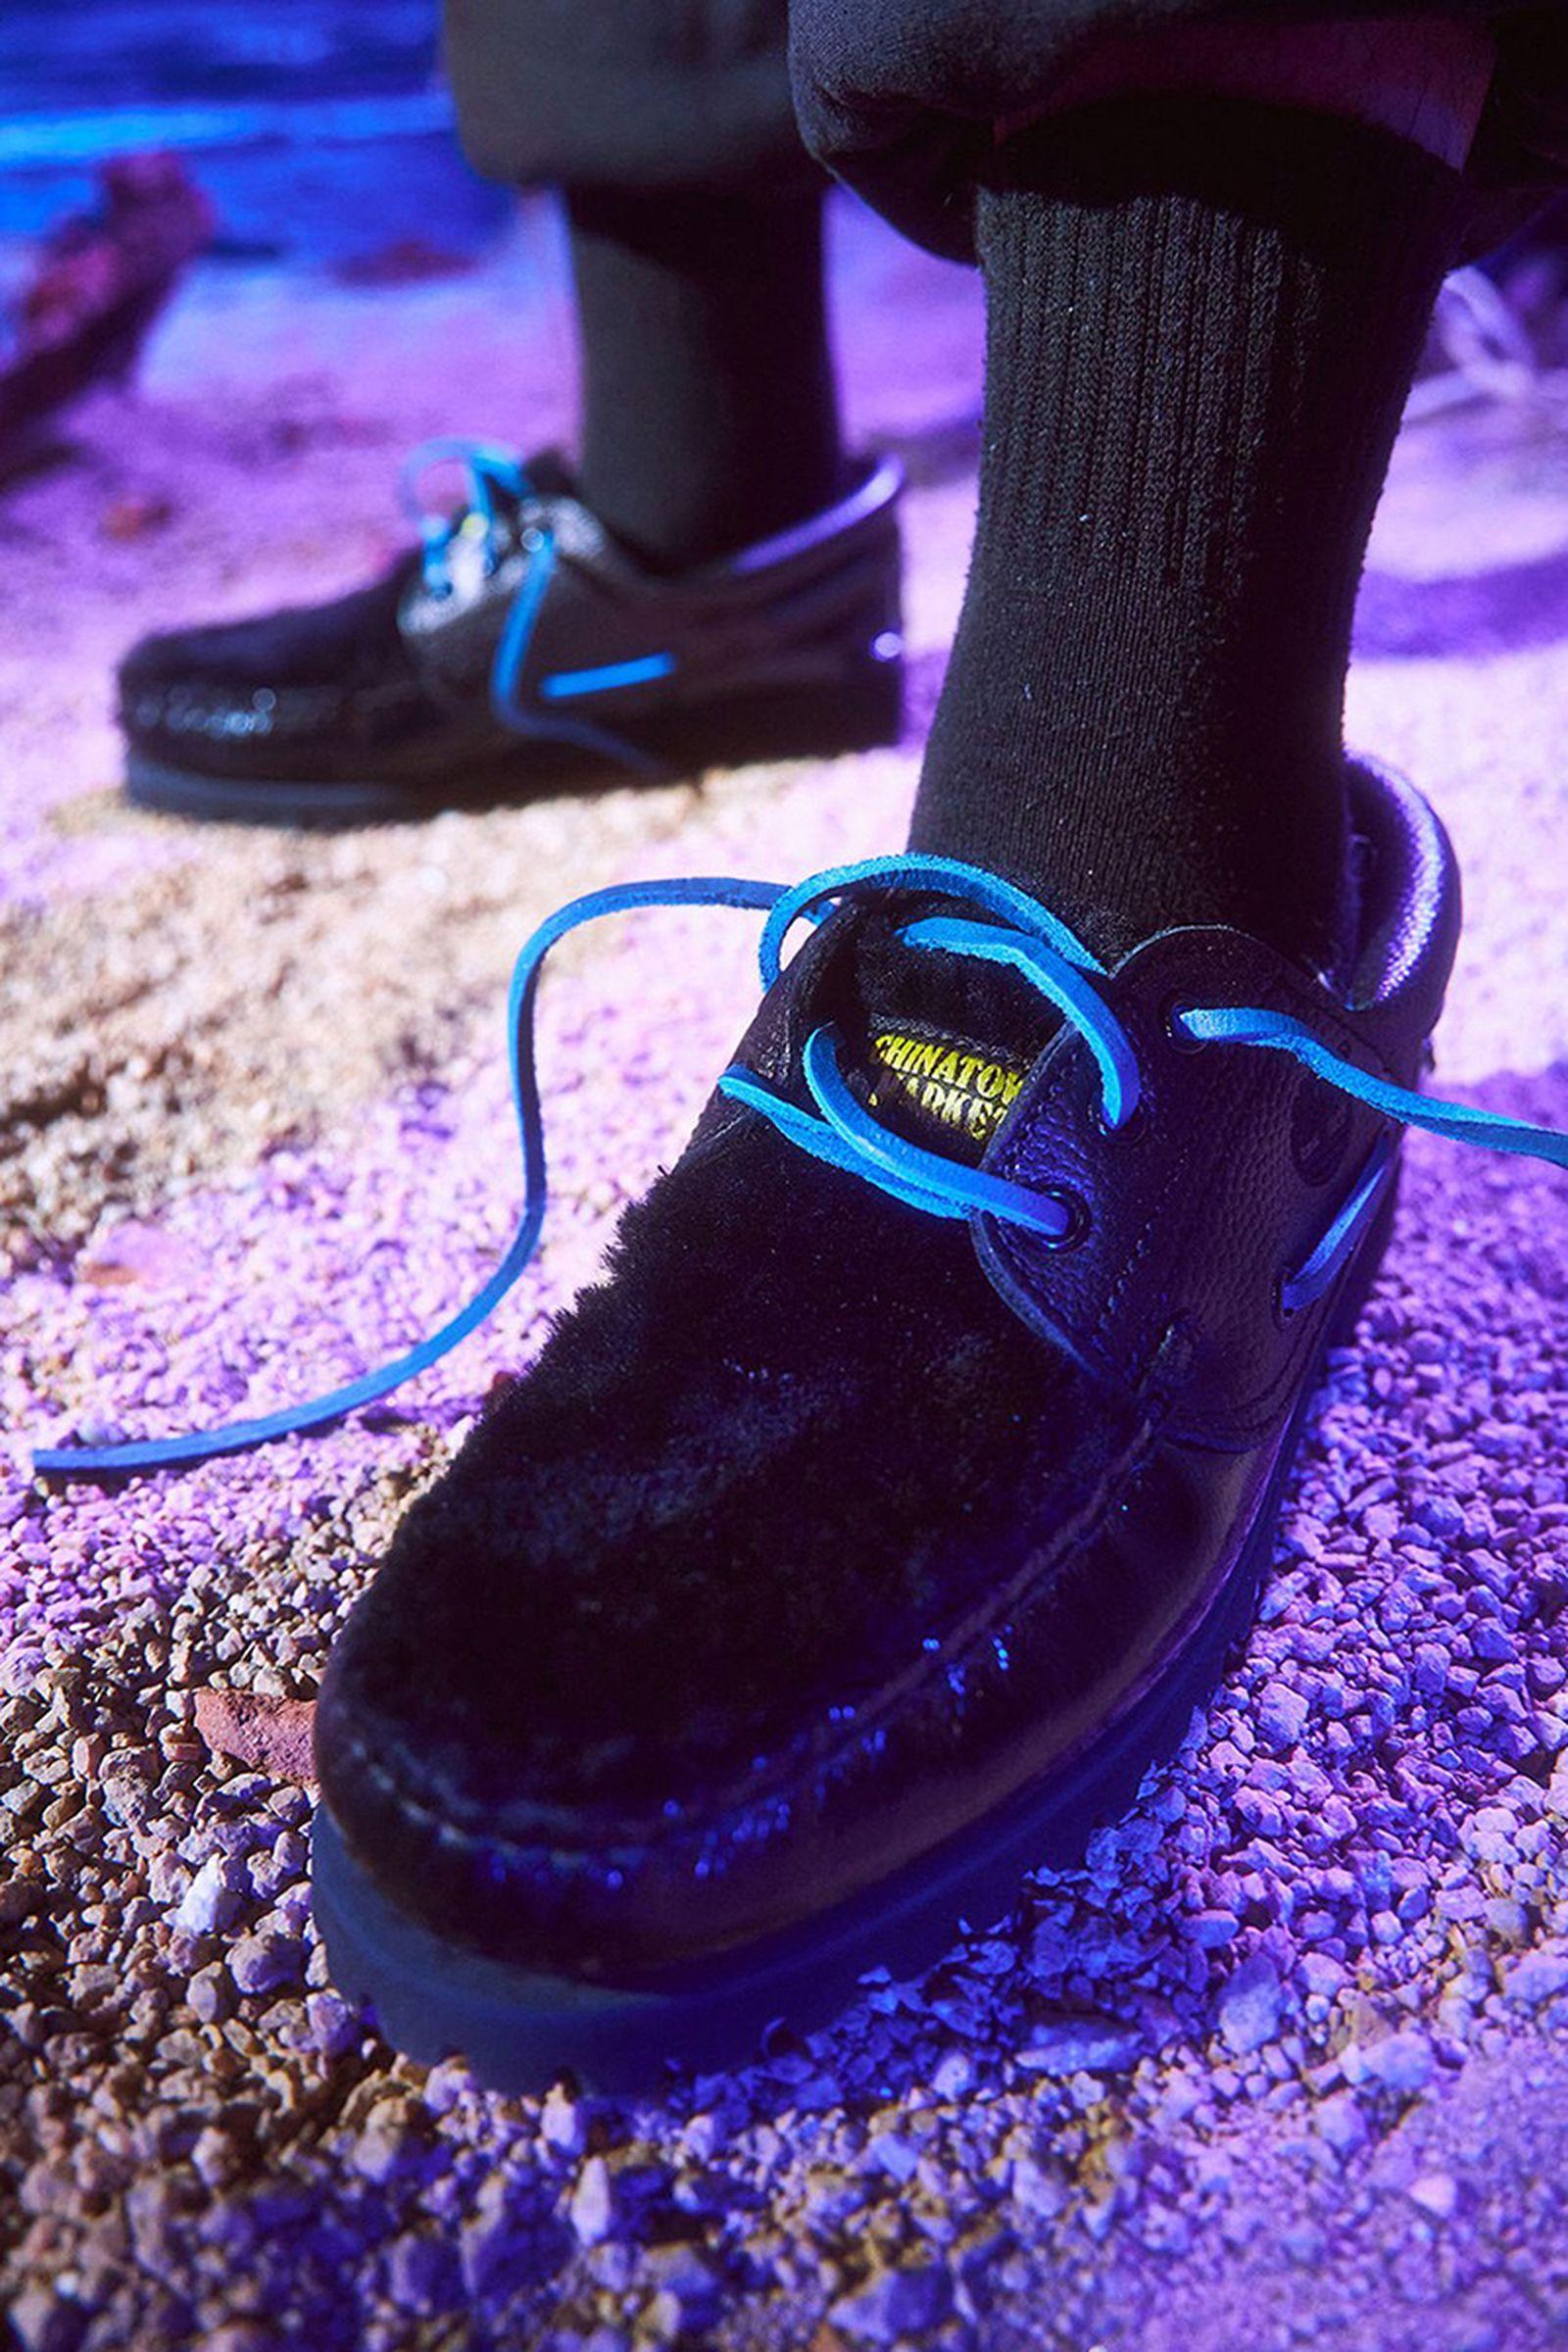 Chinatown Market x Timberland Lug Shoe